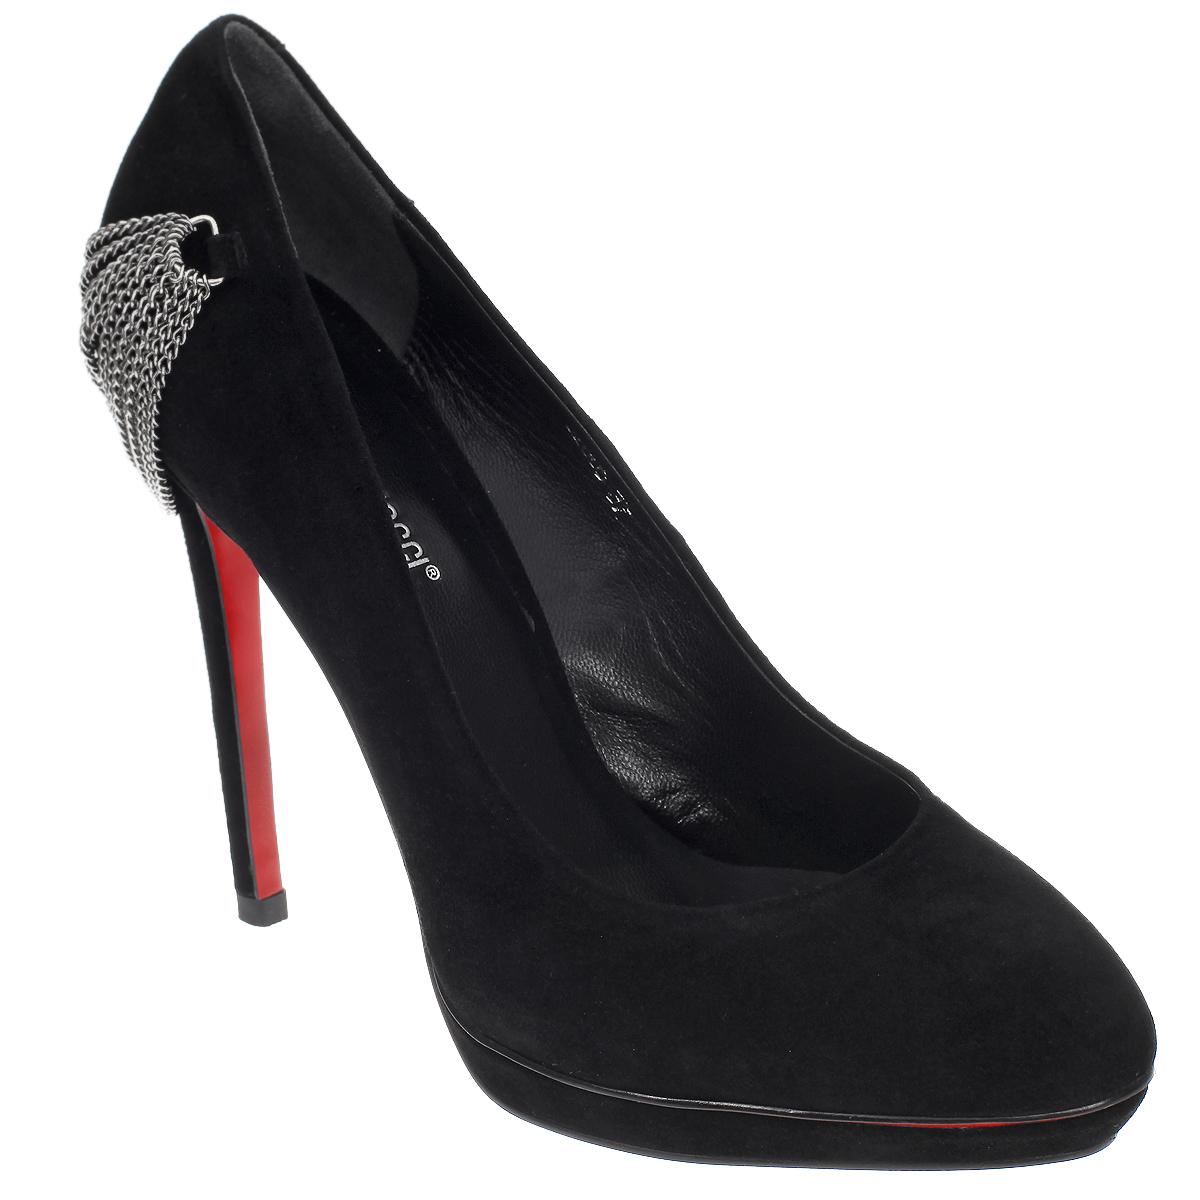 Туфли женские. 5280552805Ультрамодные женские туфли от Antonio Biaggi покорят вас с первого взгляда. Модель выполнена из натуральной замши. Задник декорирован металлическими цепями, пропущенными через фурнитуру. Стелька из натуральной кожи обеспечивает комфорт при ходьбе. Ультравысокий каблук-шпилька компенсирован платформой. Прочная резиновая подошва оформлена противоскользящим рифлением. Изысканные туфли добавят шика в модный образ и подчеркнут ваш безупречный вкус.